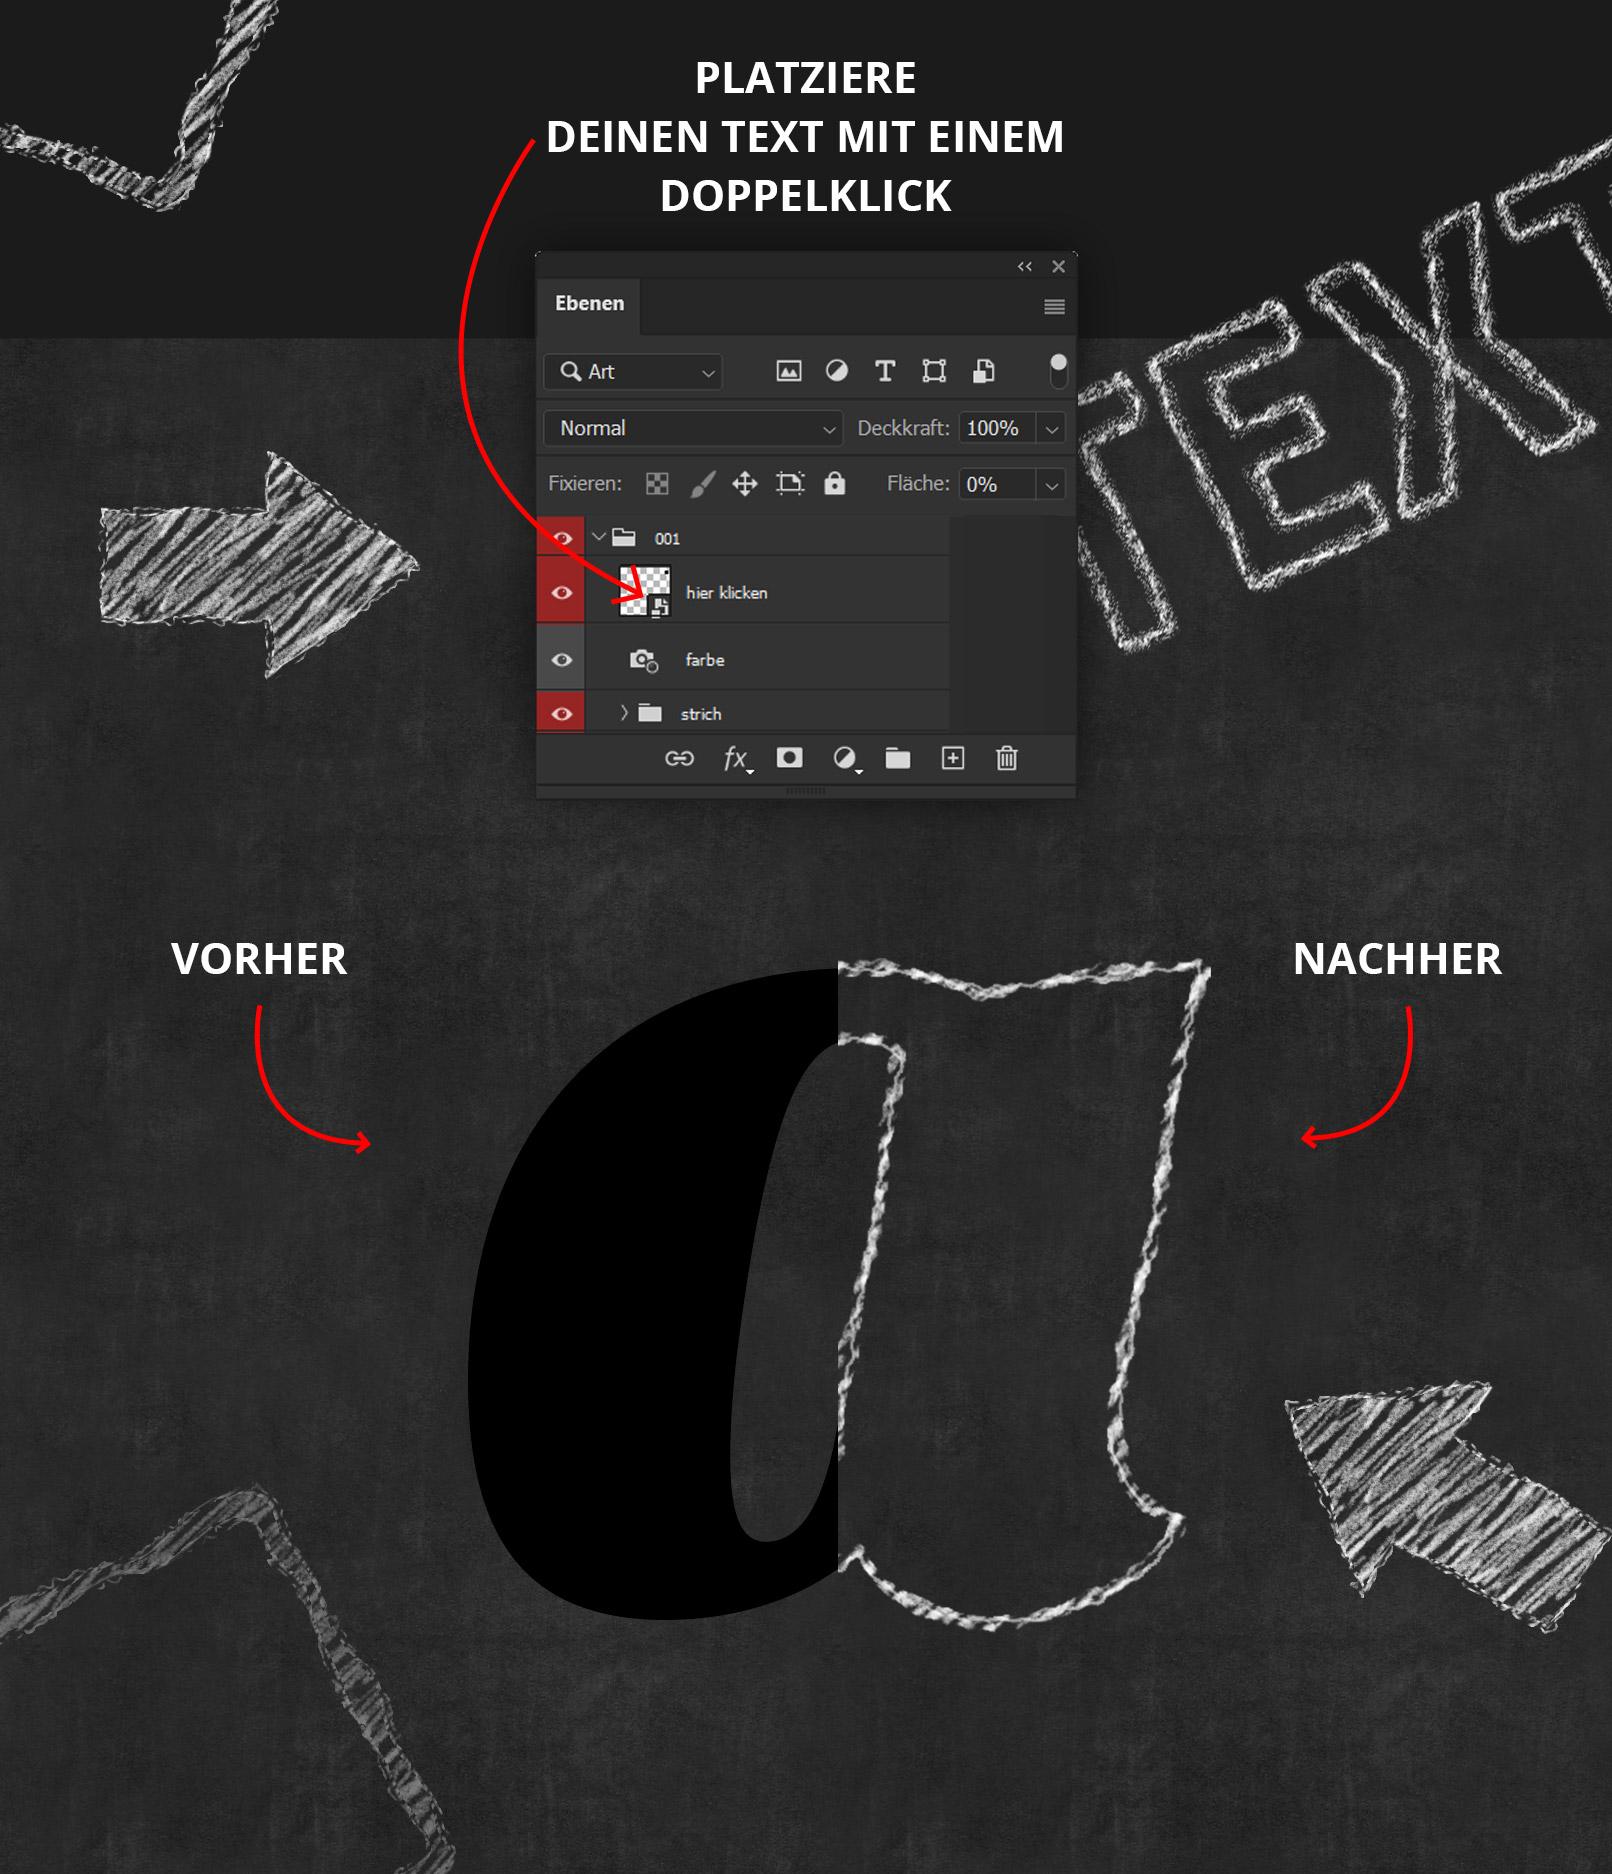 Anwendung der Photoshop-Smartobjekte für Kreideschrift- und Bleistift-Effekte